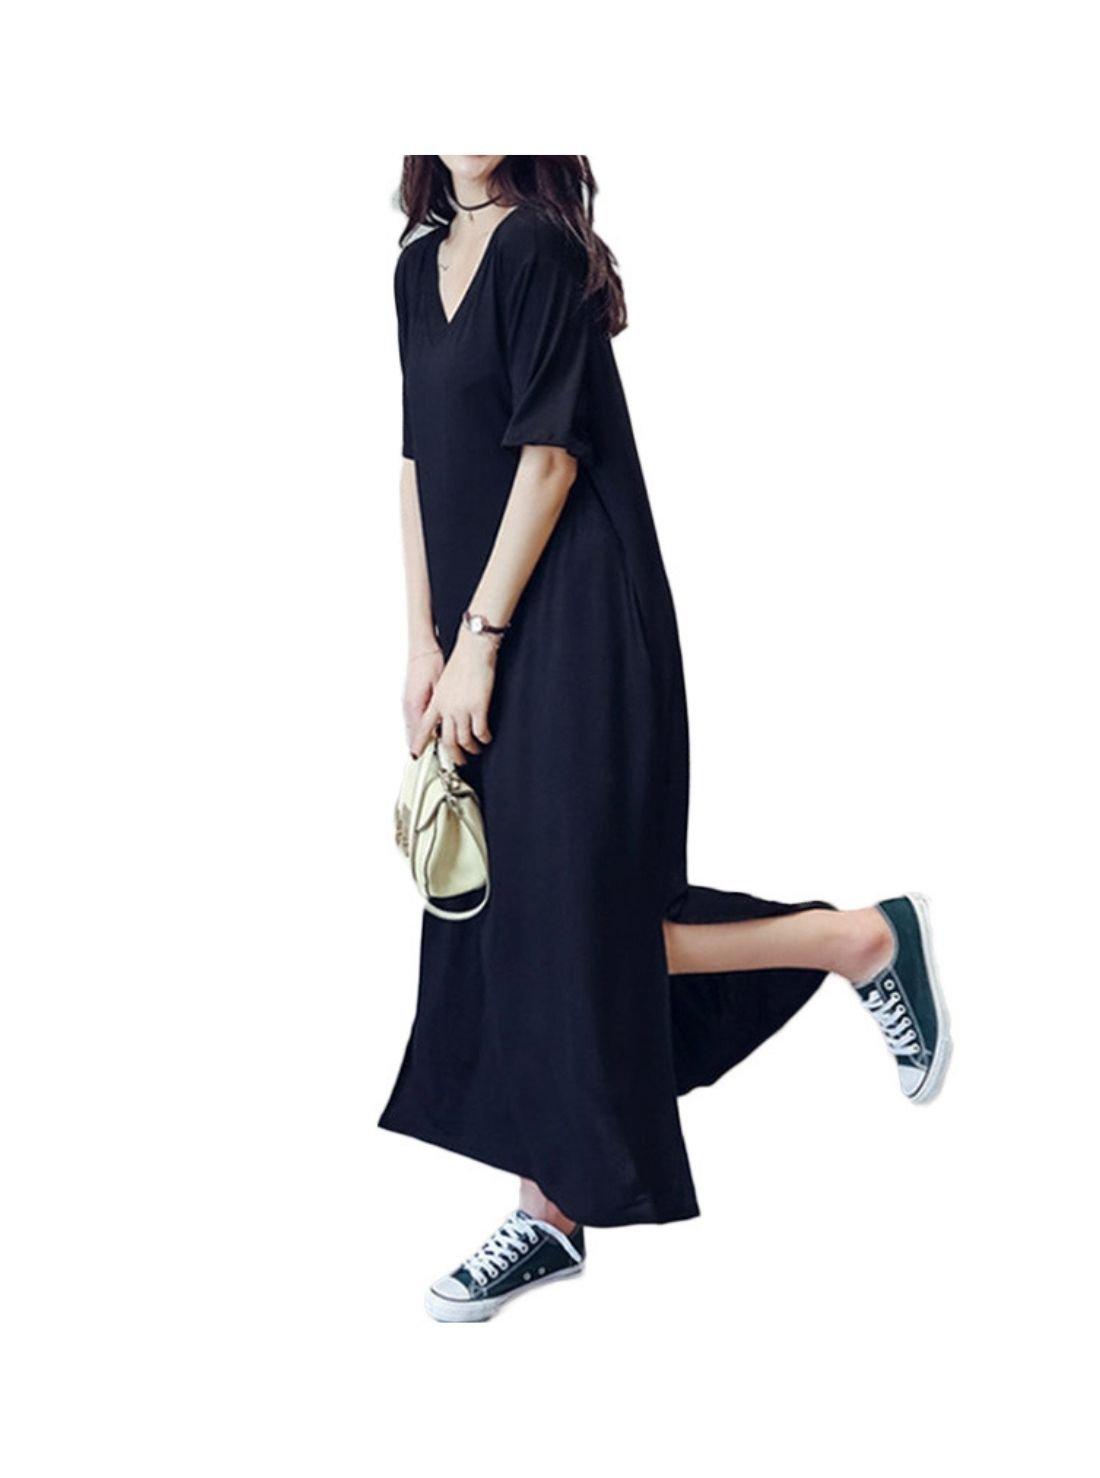 Wholesale Pale Blue Linen Dress